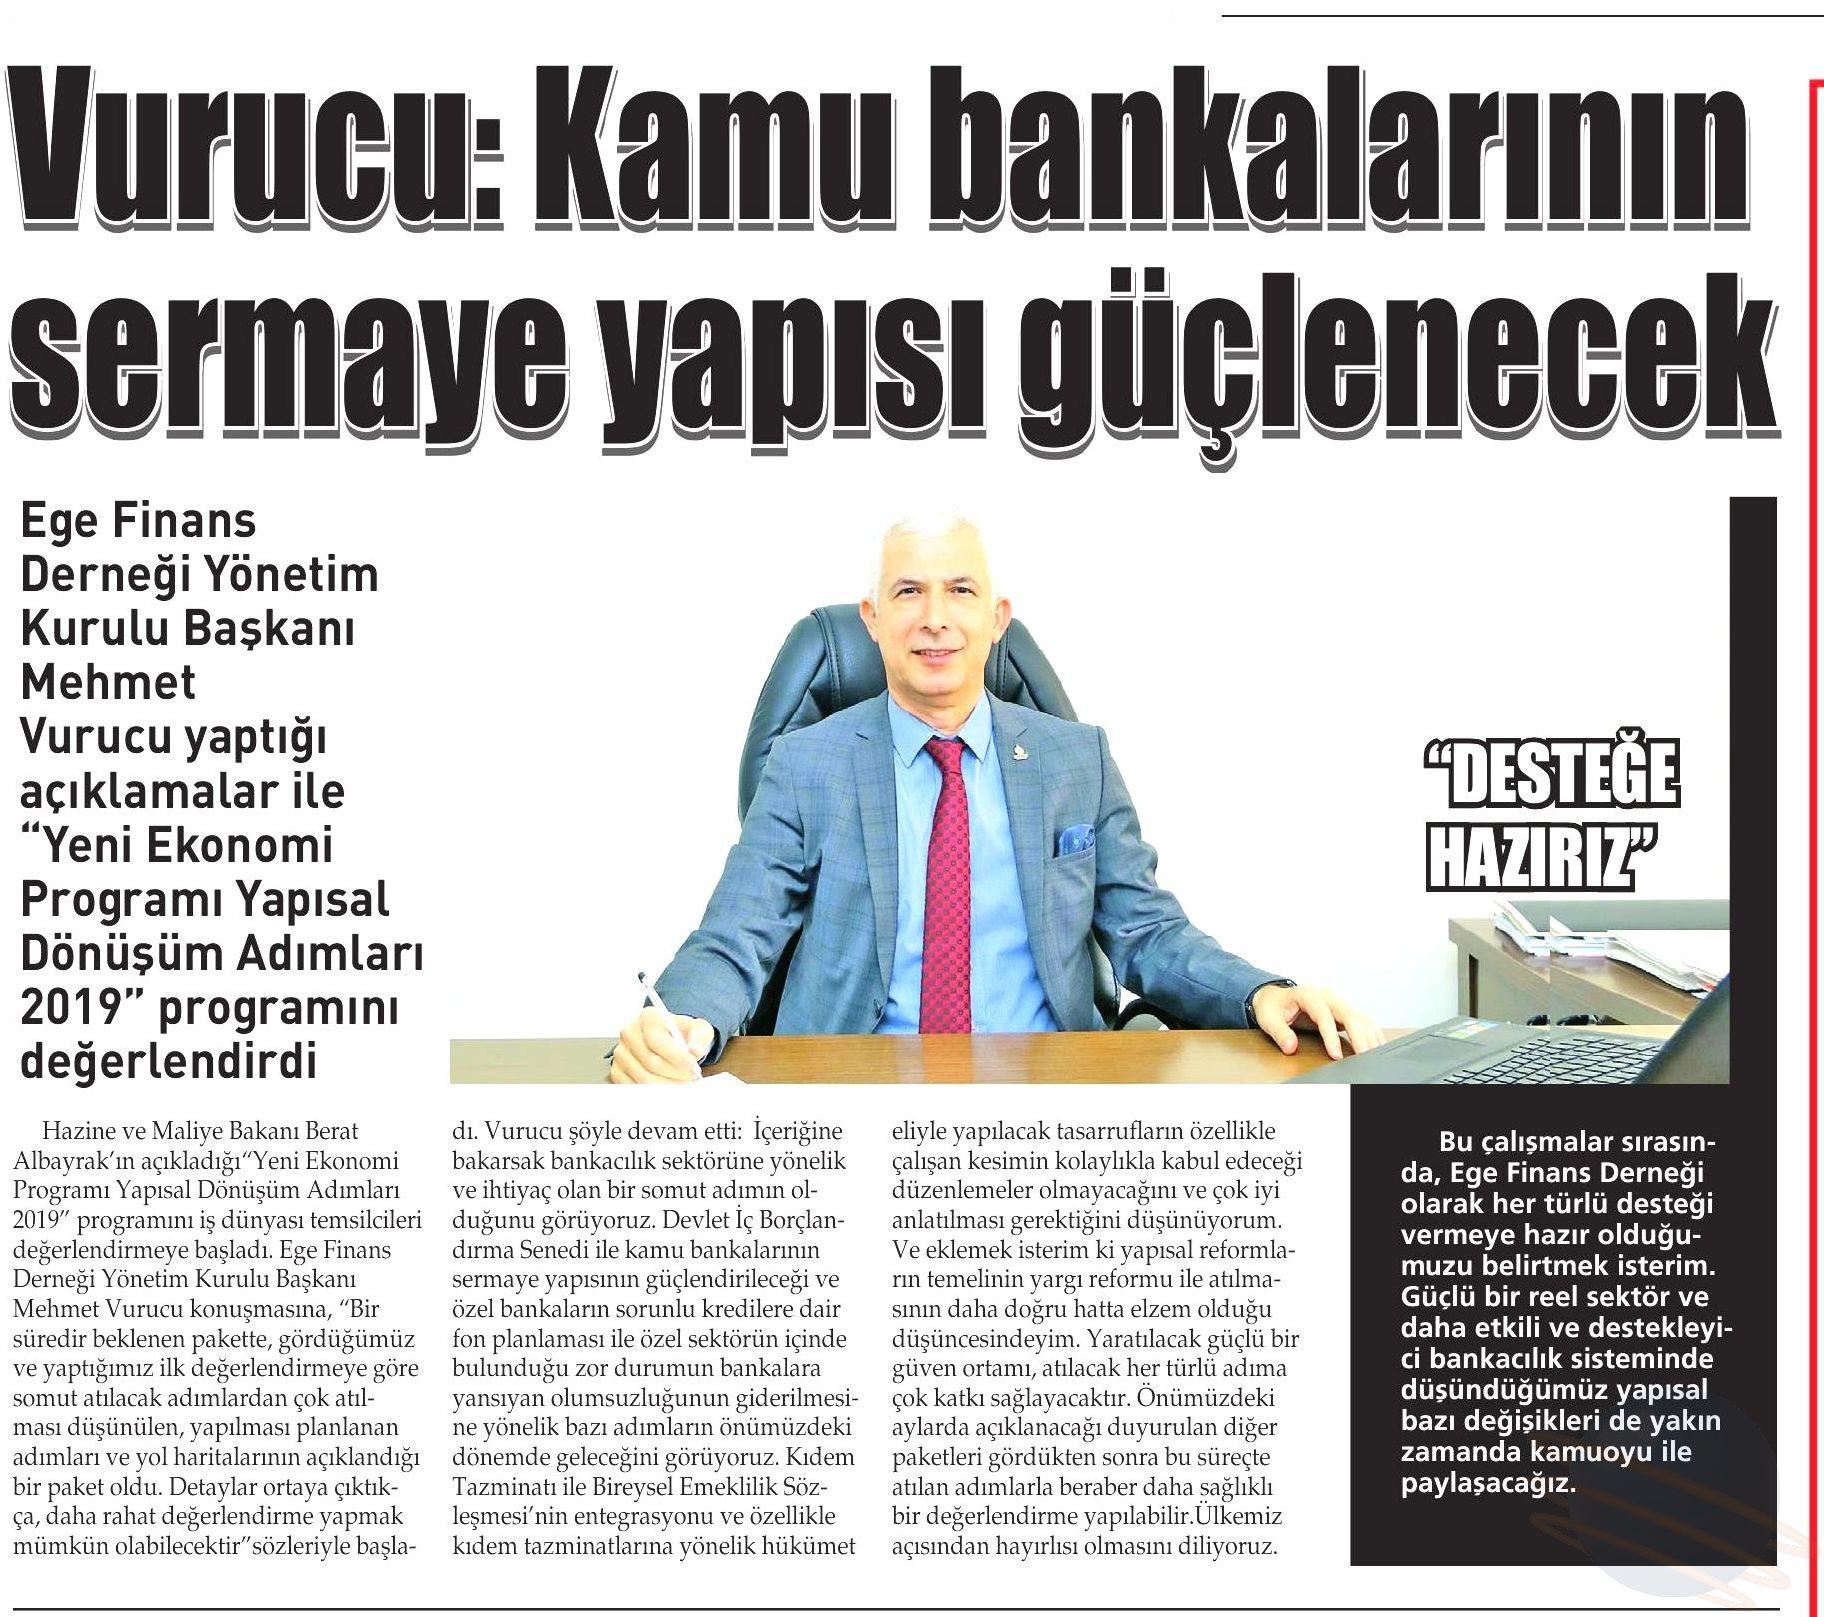 VURUCU KAMU BANKALARININ SERMAYE YAPISI GÜÇLENECEK- Yenigün (İzmir)